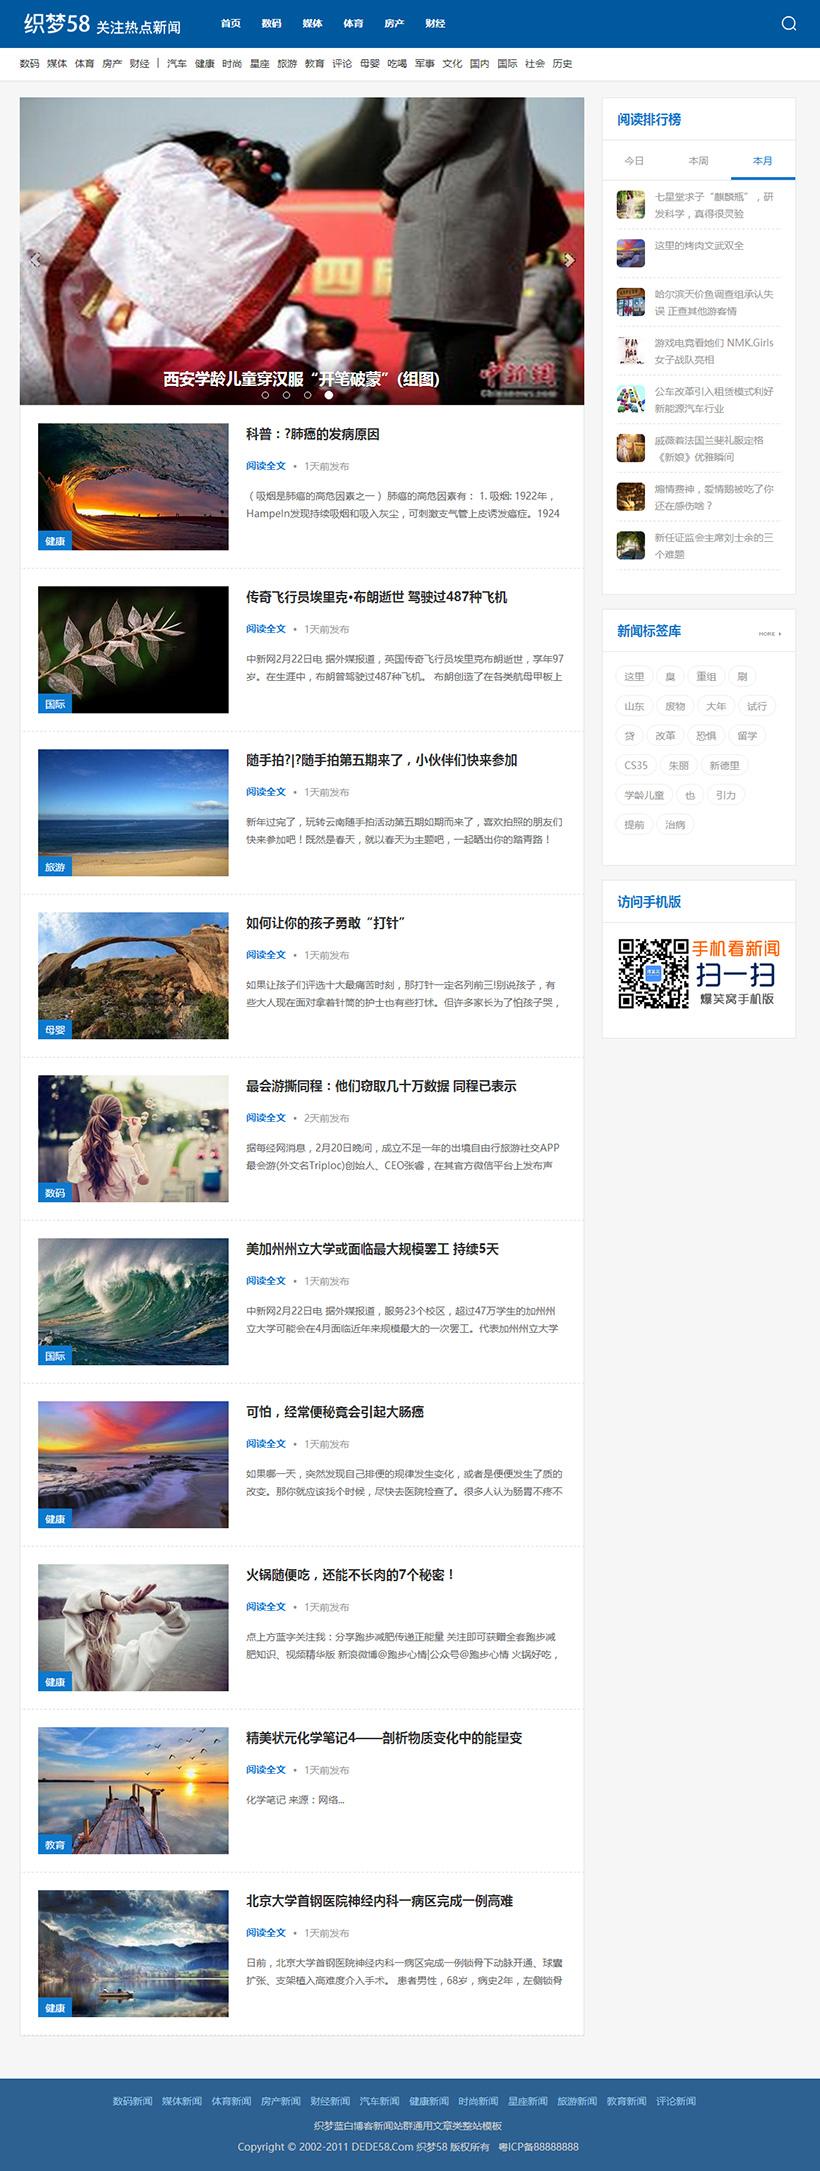 織夢藍白博客新聞站群通用文章類整站模板 第1張